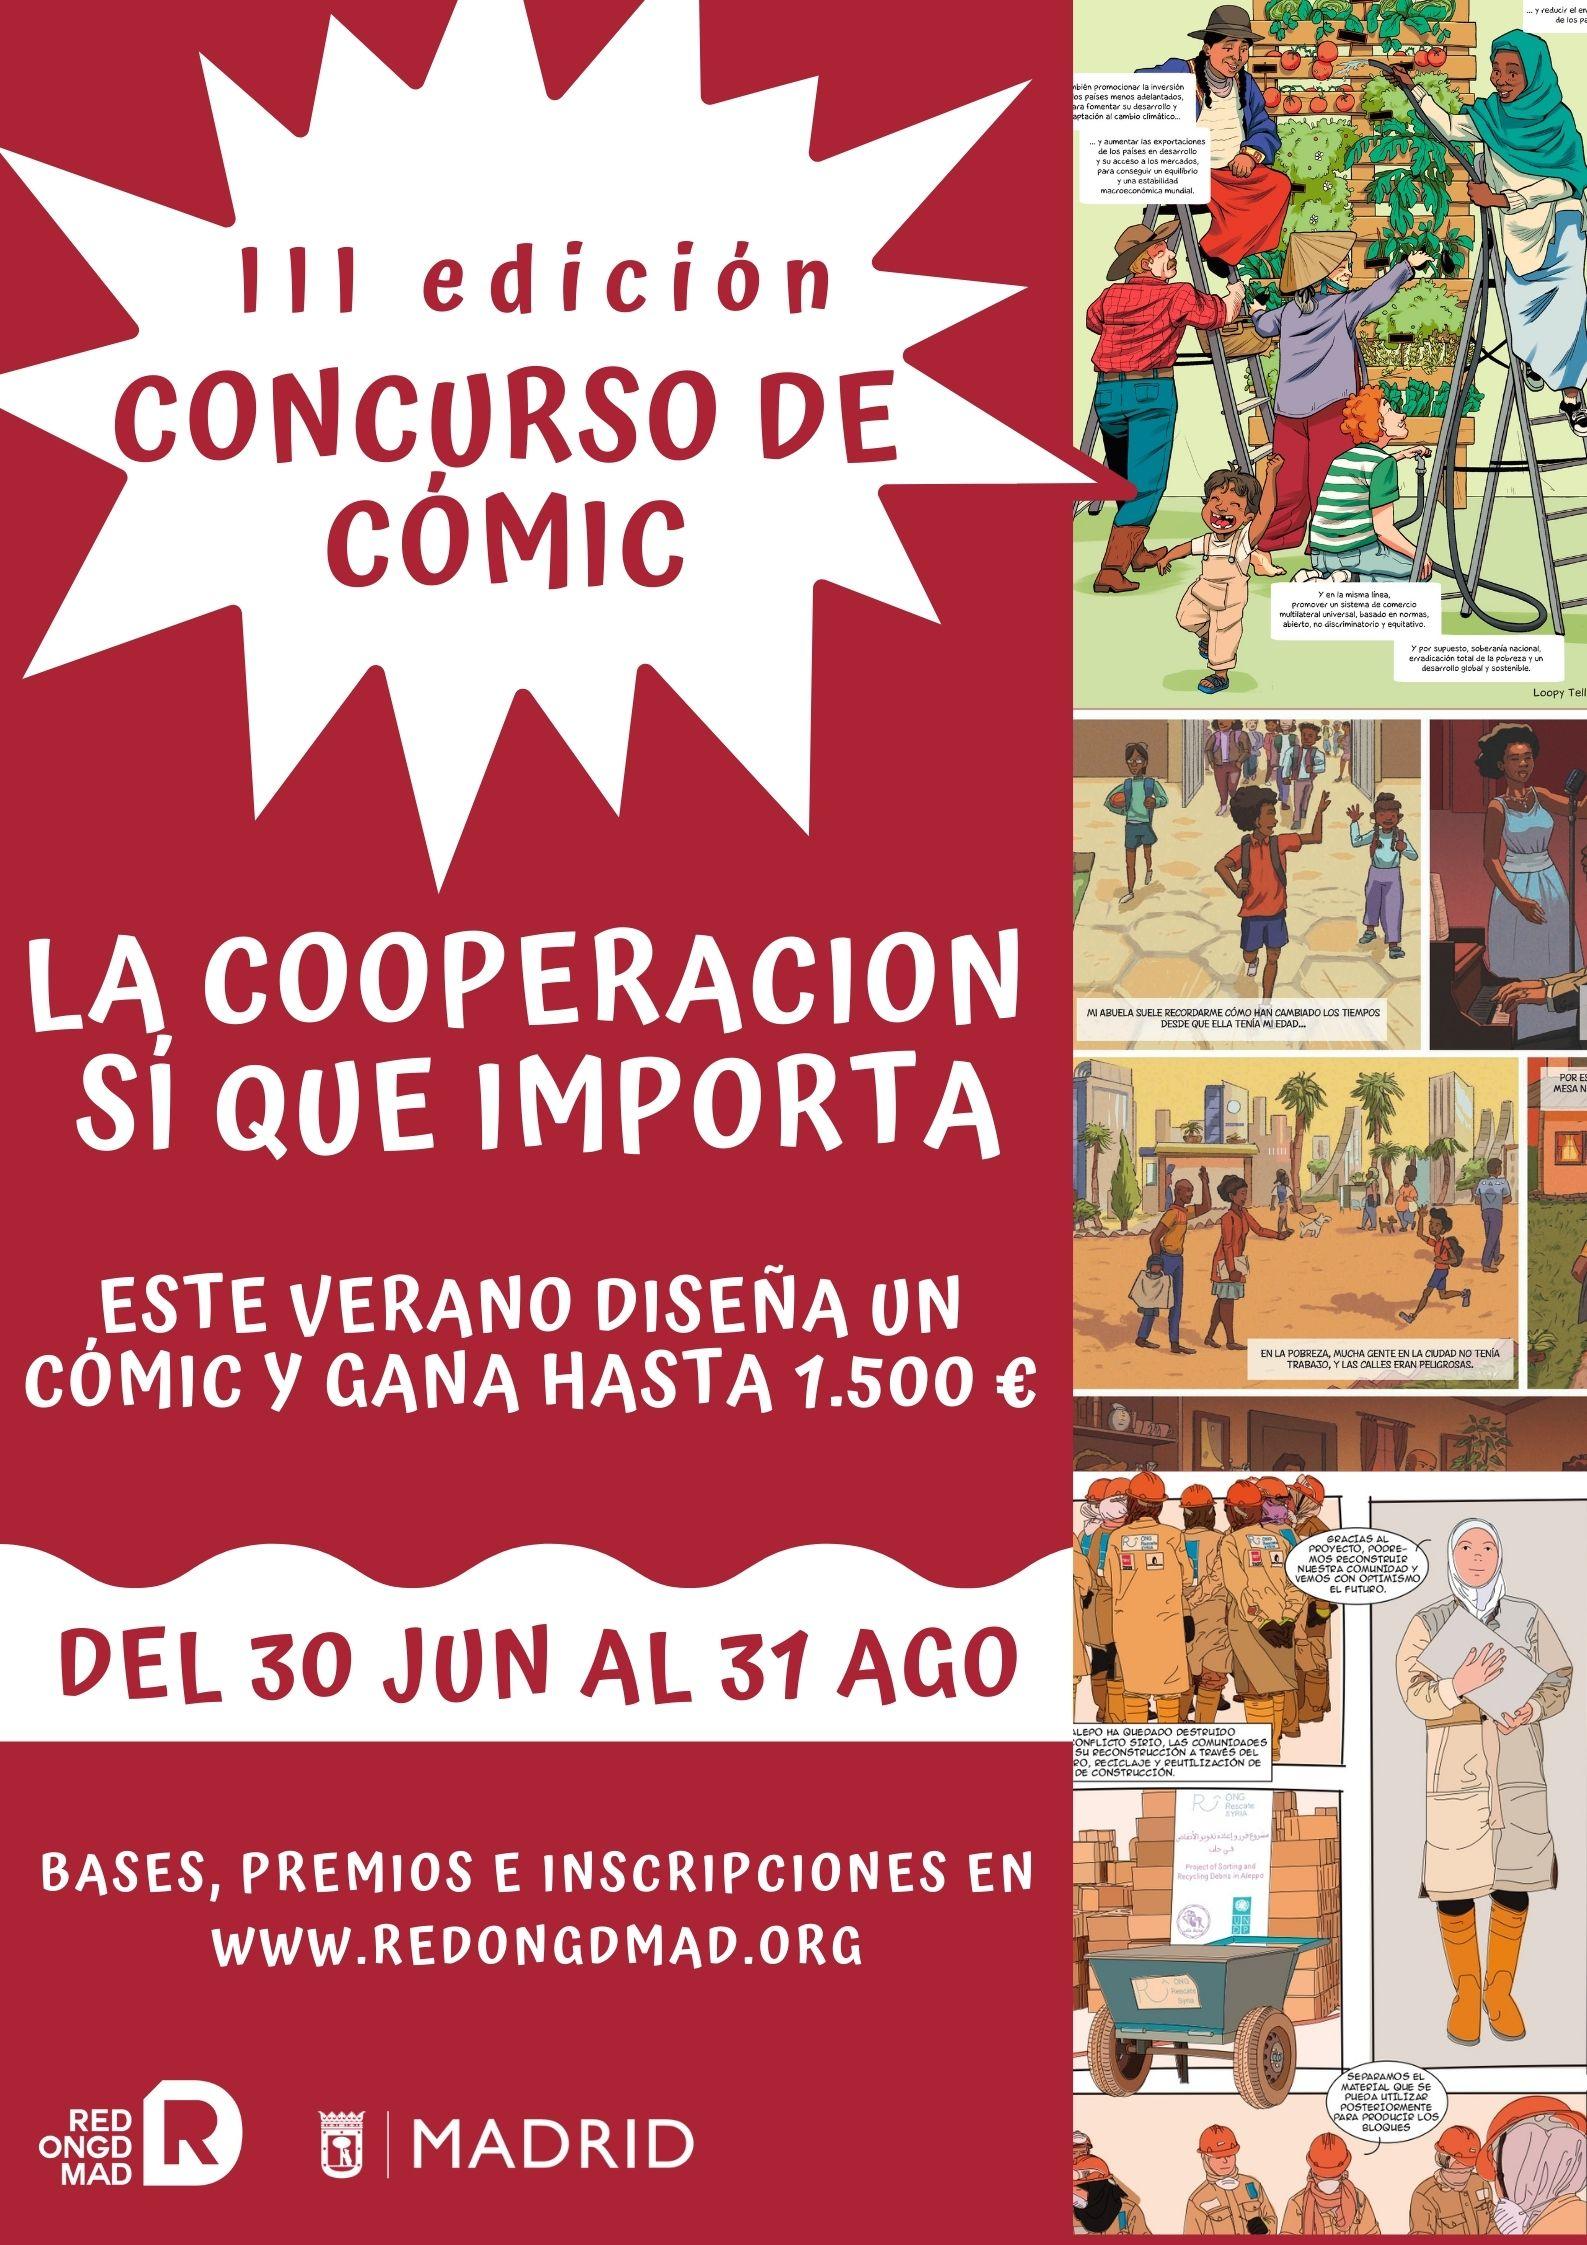 """III Edición concurso de cómic """"La Cooperación Sí que importa"""""""